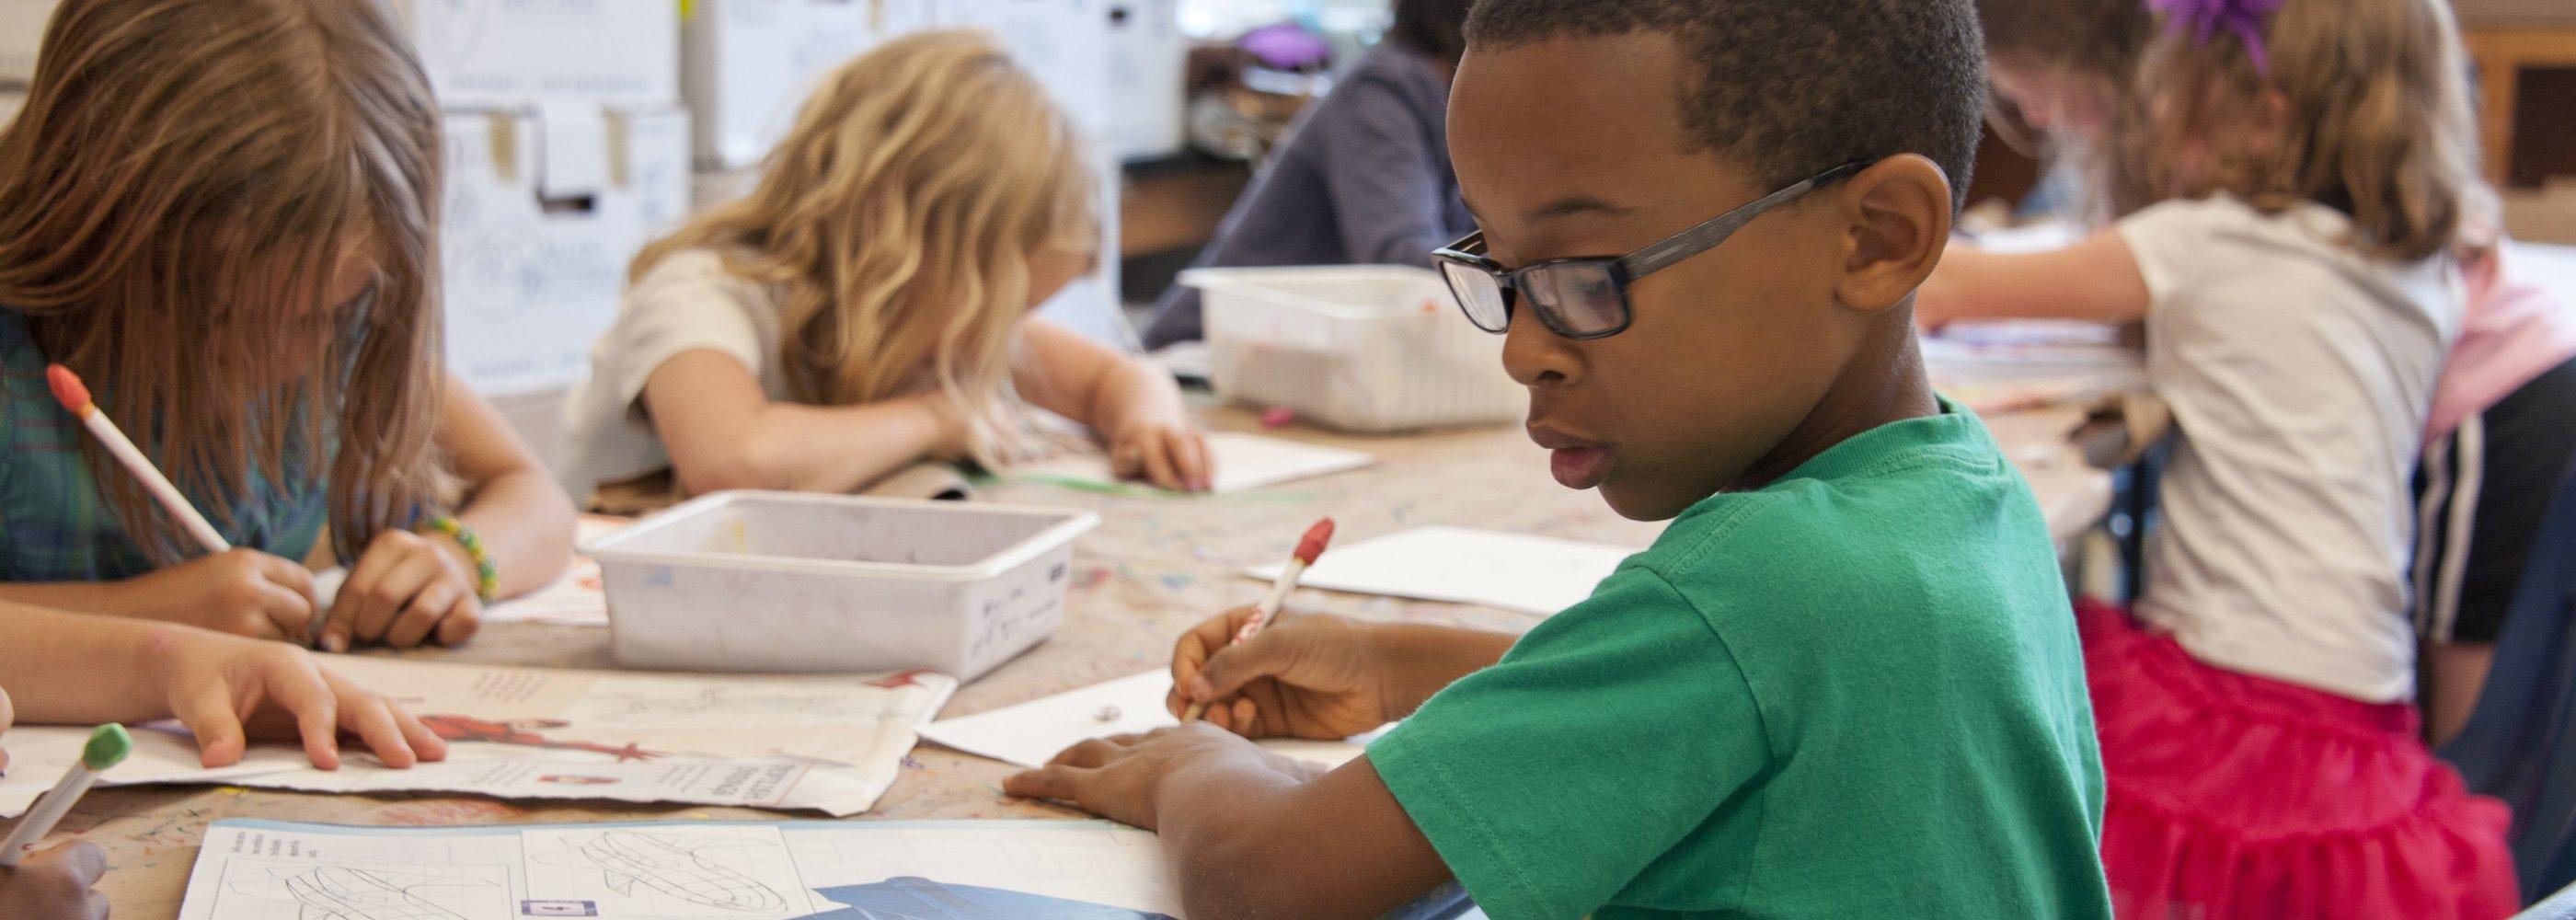 little boy learning in a classroom